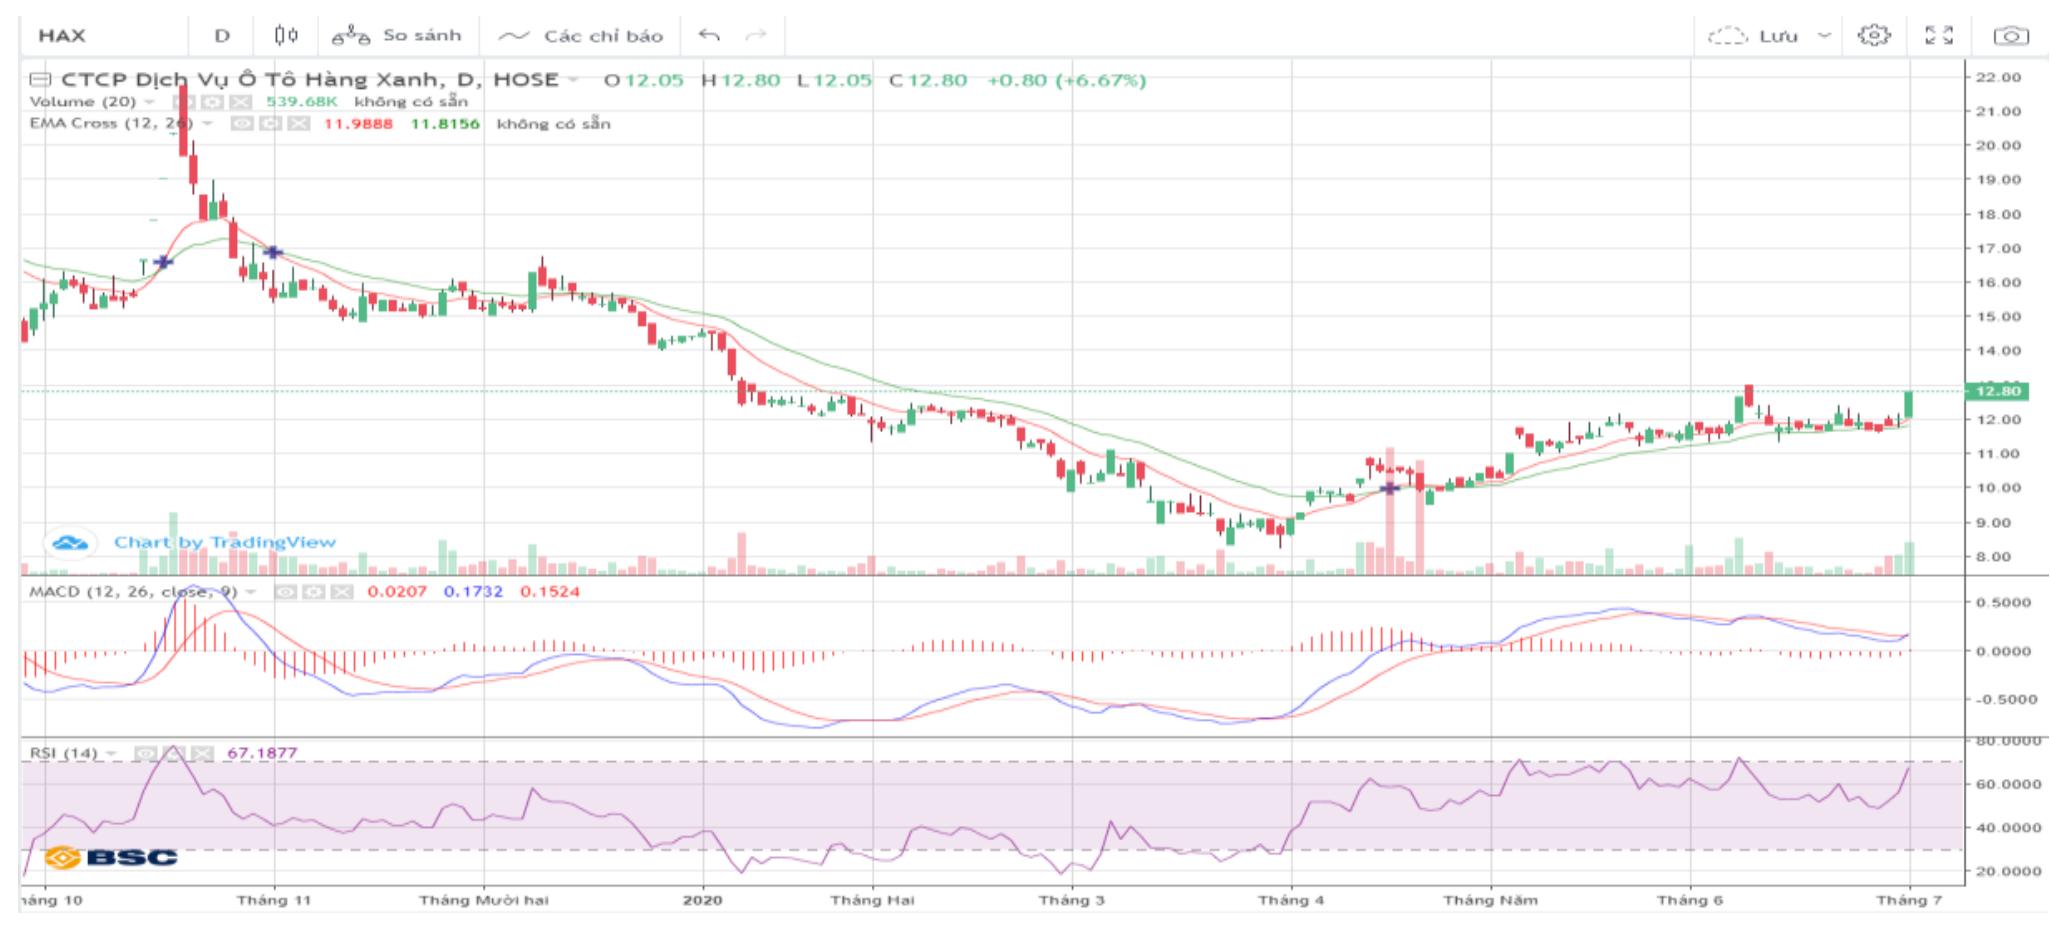 Cổ phiếu tâm điểm ngày 2/7: HAX, HPX, VIC - Ảnh 1.